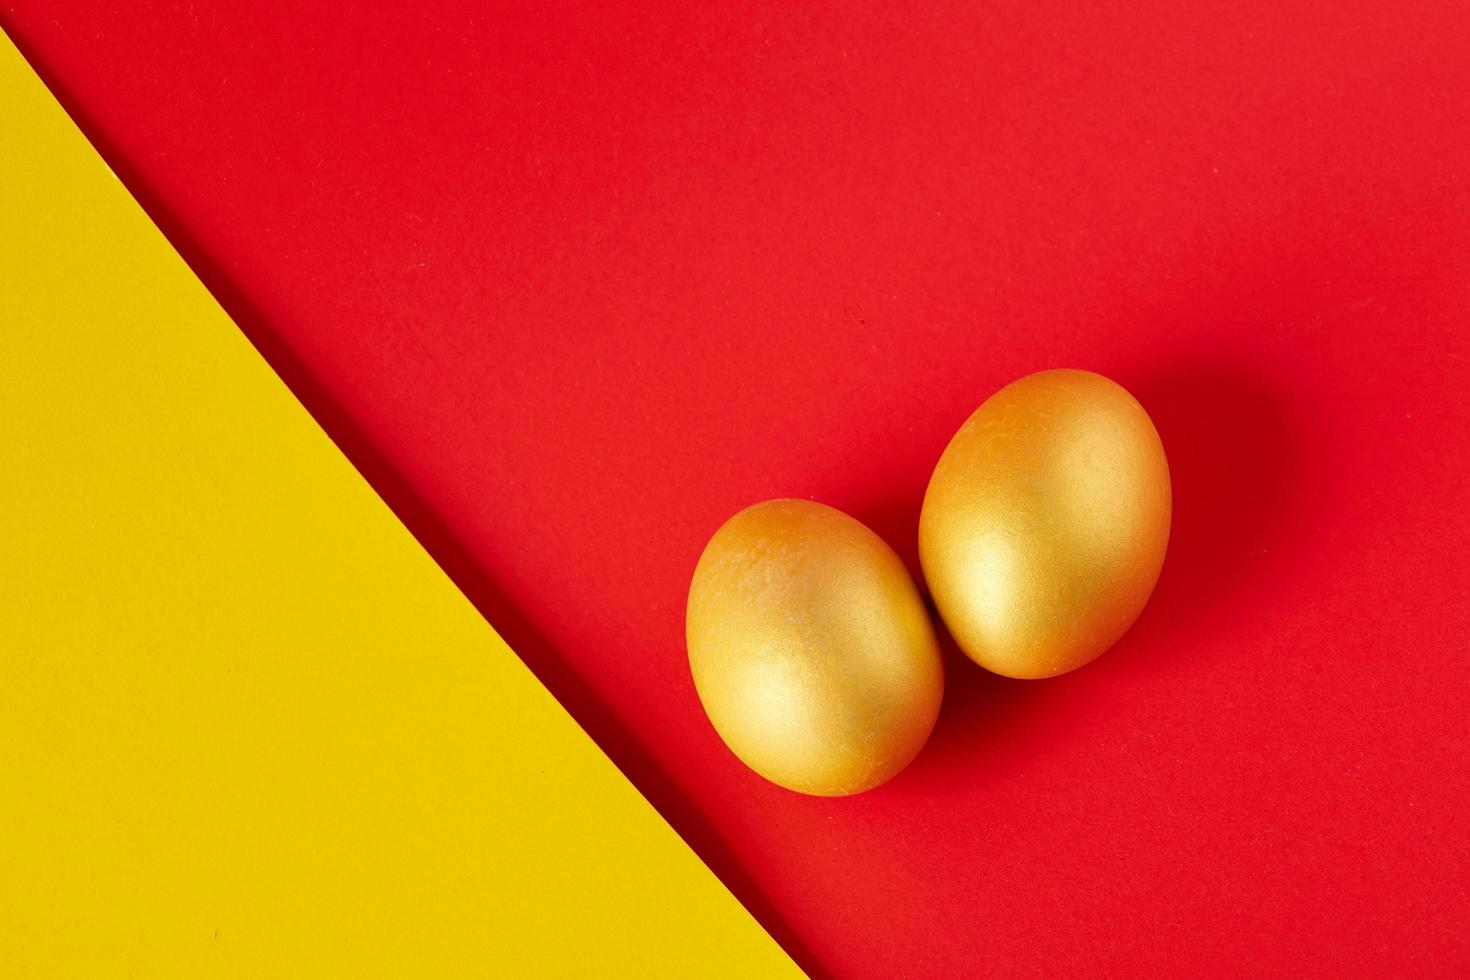 Eier auf gelbem und rotem Hintergrund foto